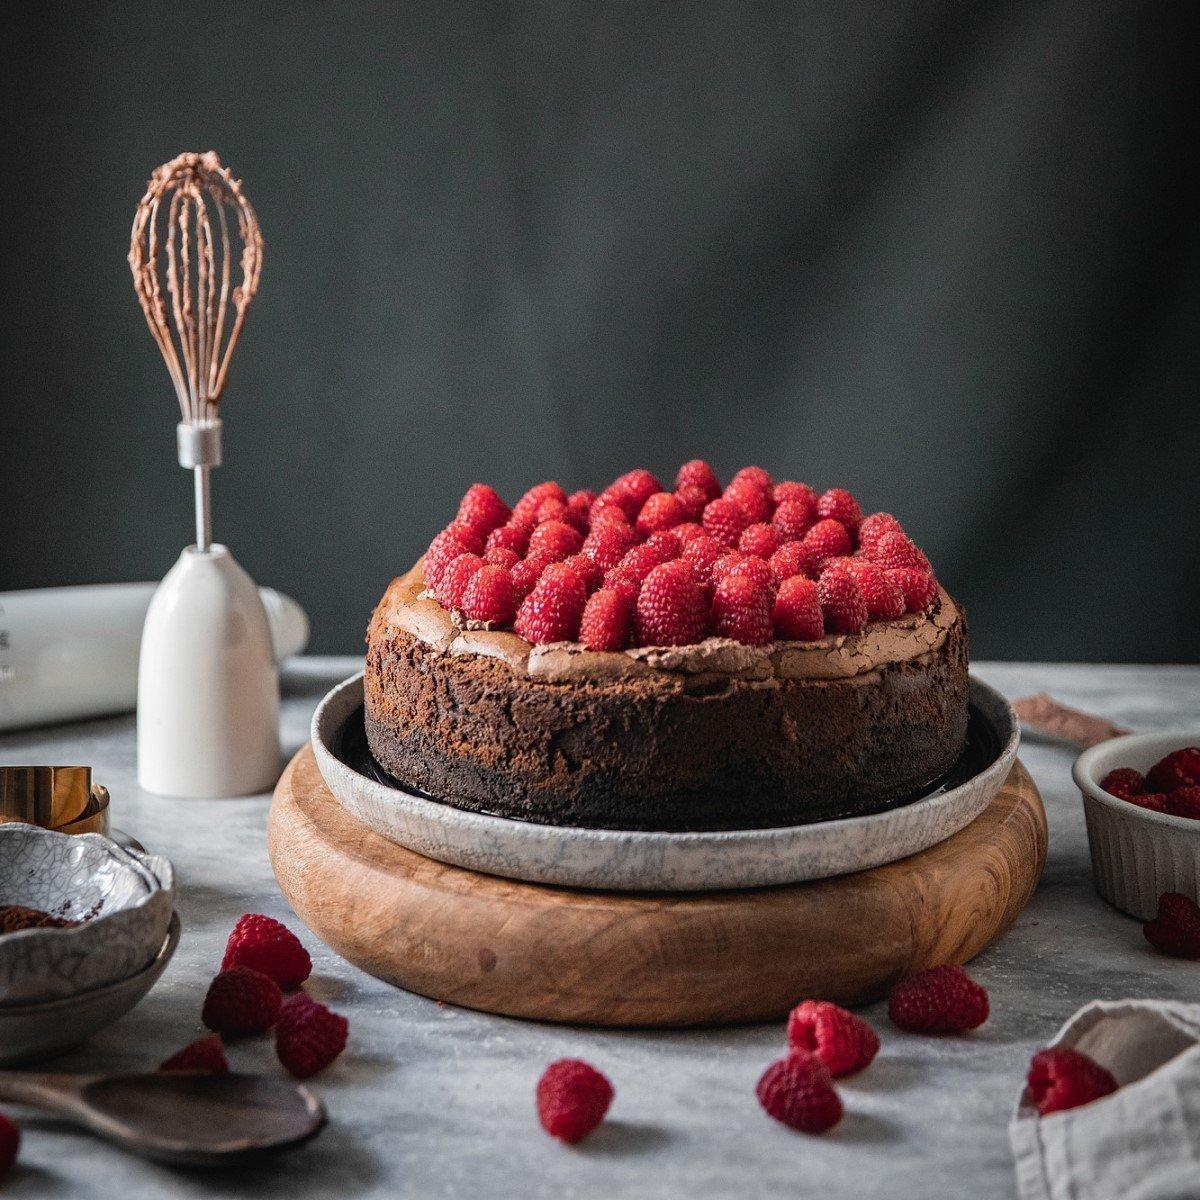 Salted Chocolate Ganache and Raspberry Cheesecake Recipe